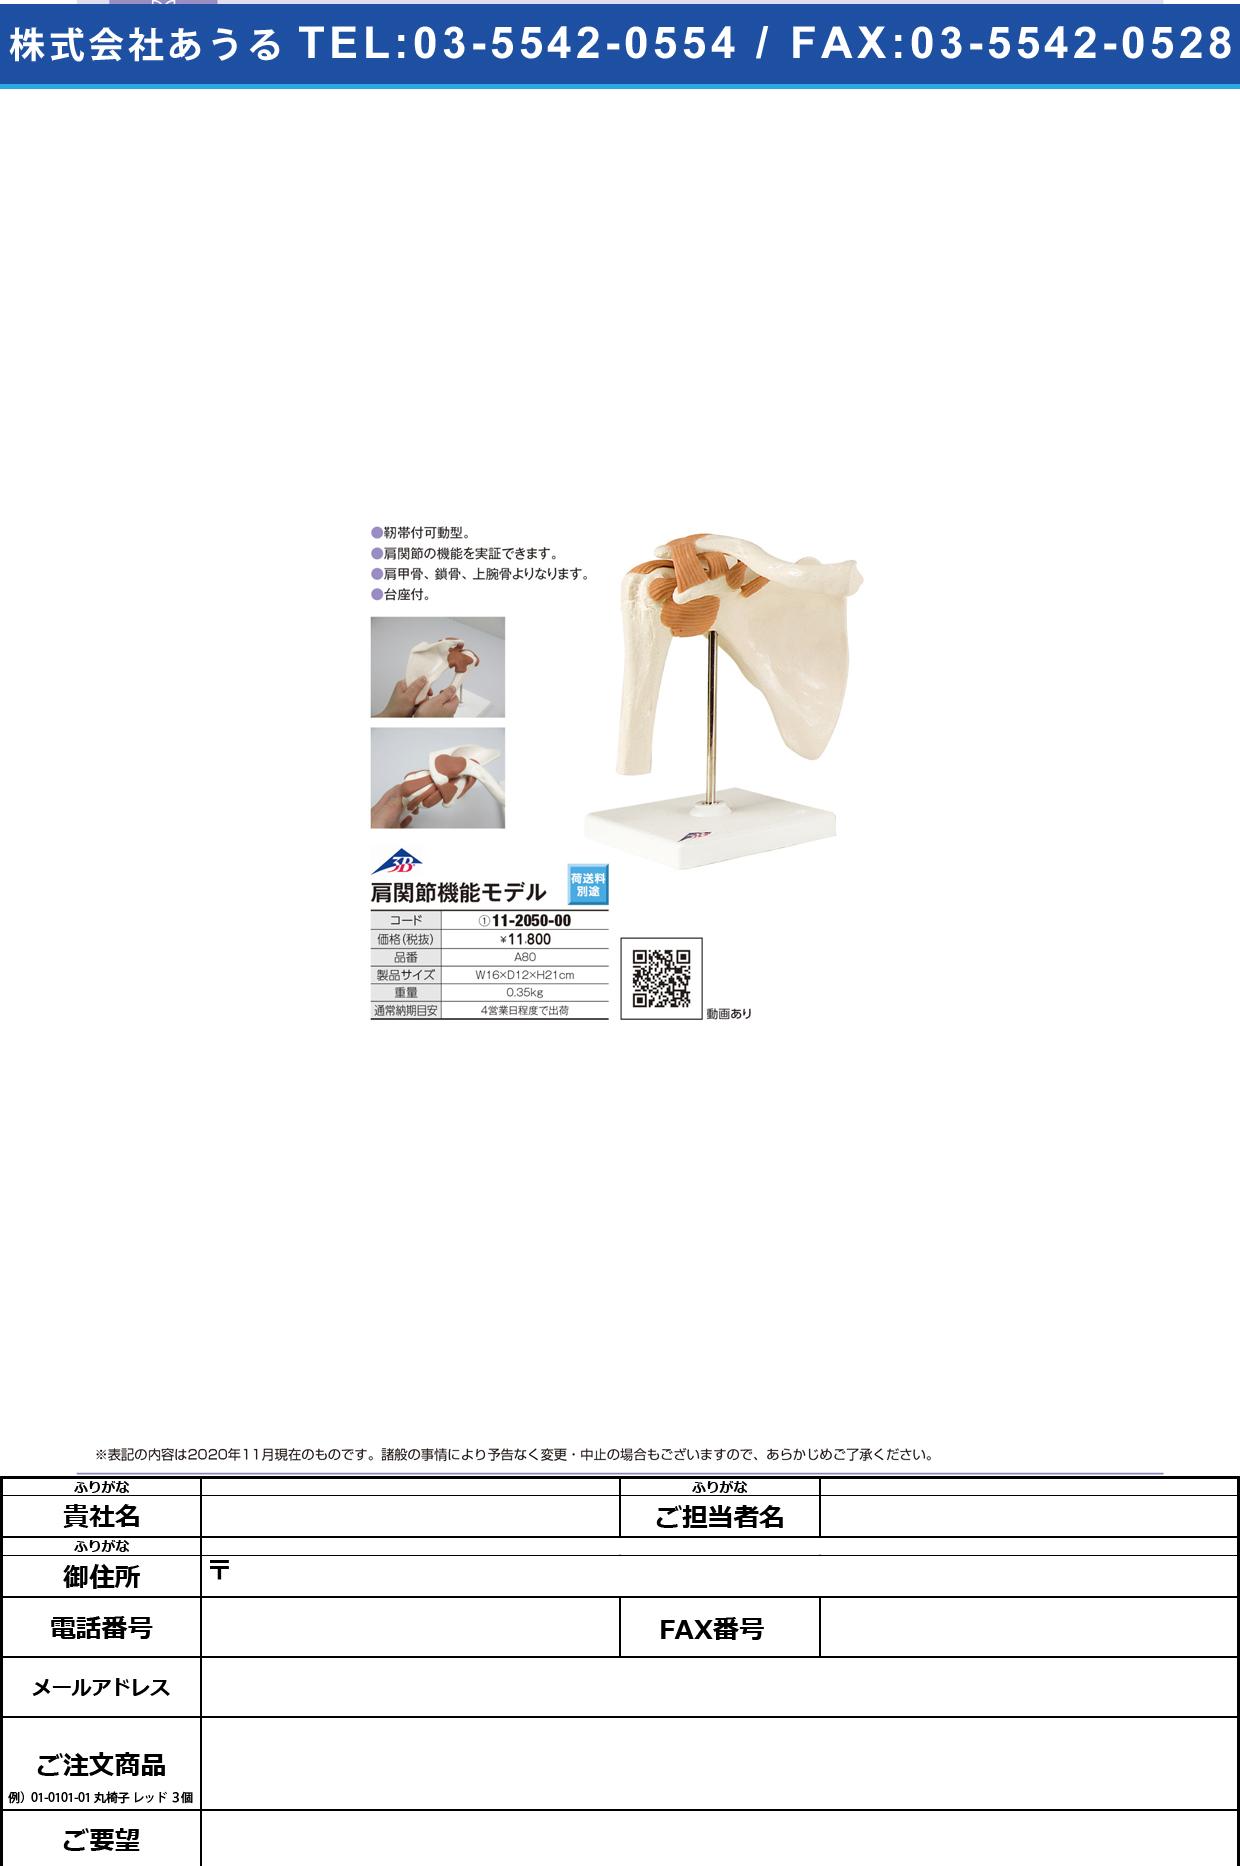 肩関節モデル(台付) A80 (16X12X20CM)A80 (16X12X20CM)(11-2050-00)【日本3Bサイエンティフィック】(販売単位:1)